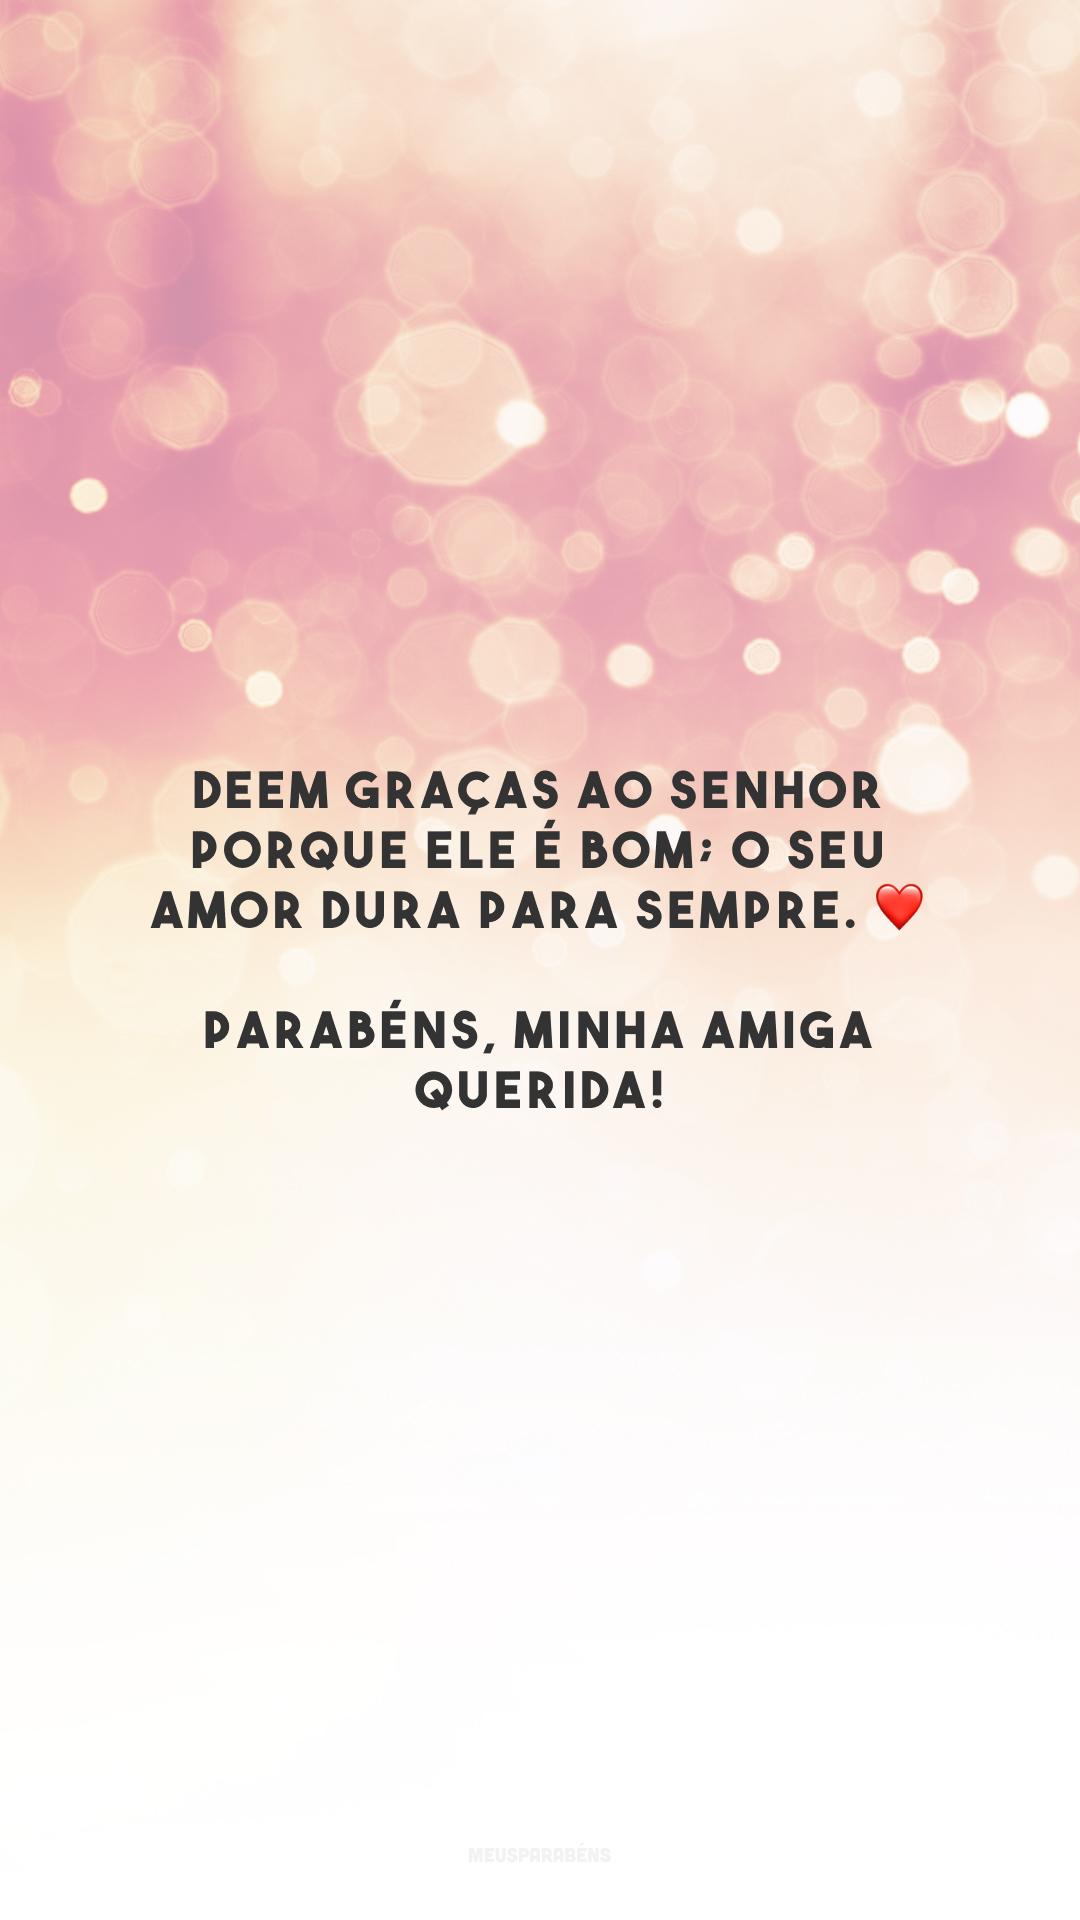 Deem graças ao Senhor porque ele é bom; o seu amor dura para sempre. ❤️ Parabéns, minha amiga querida!